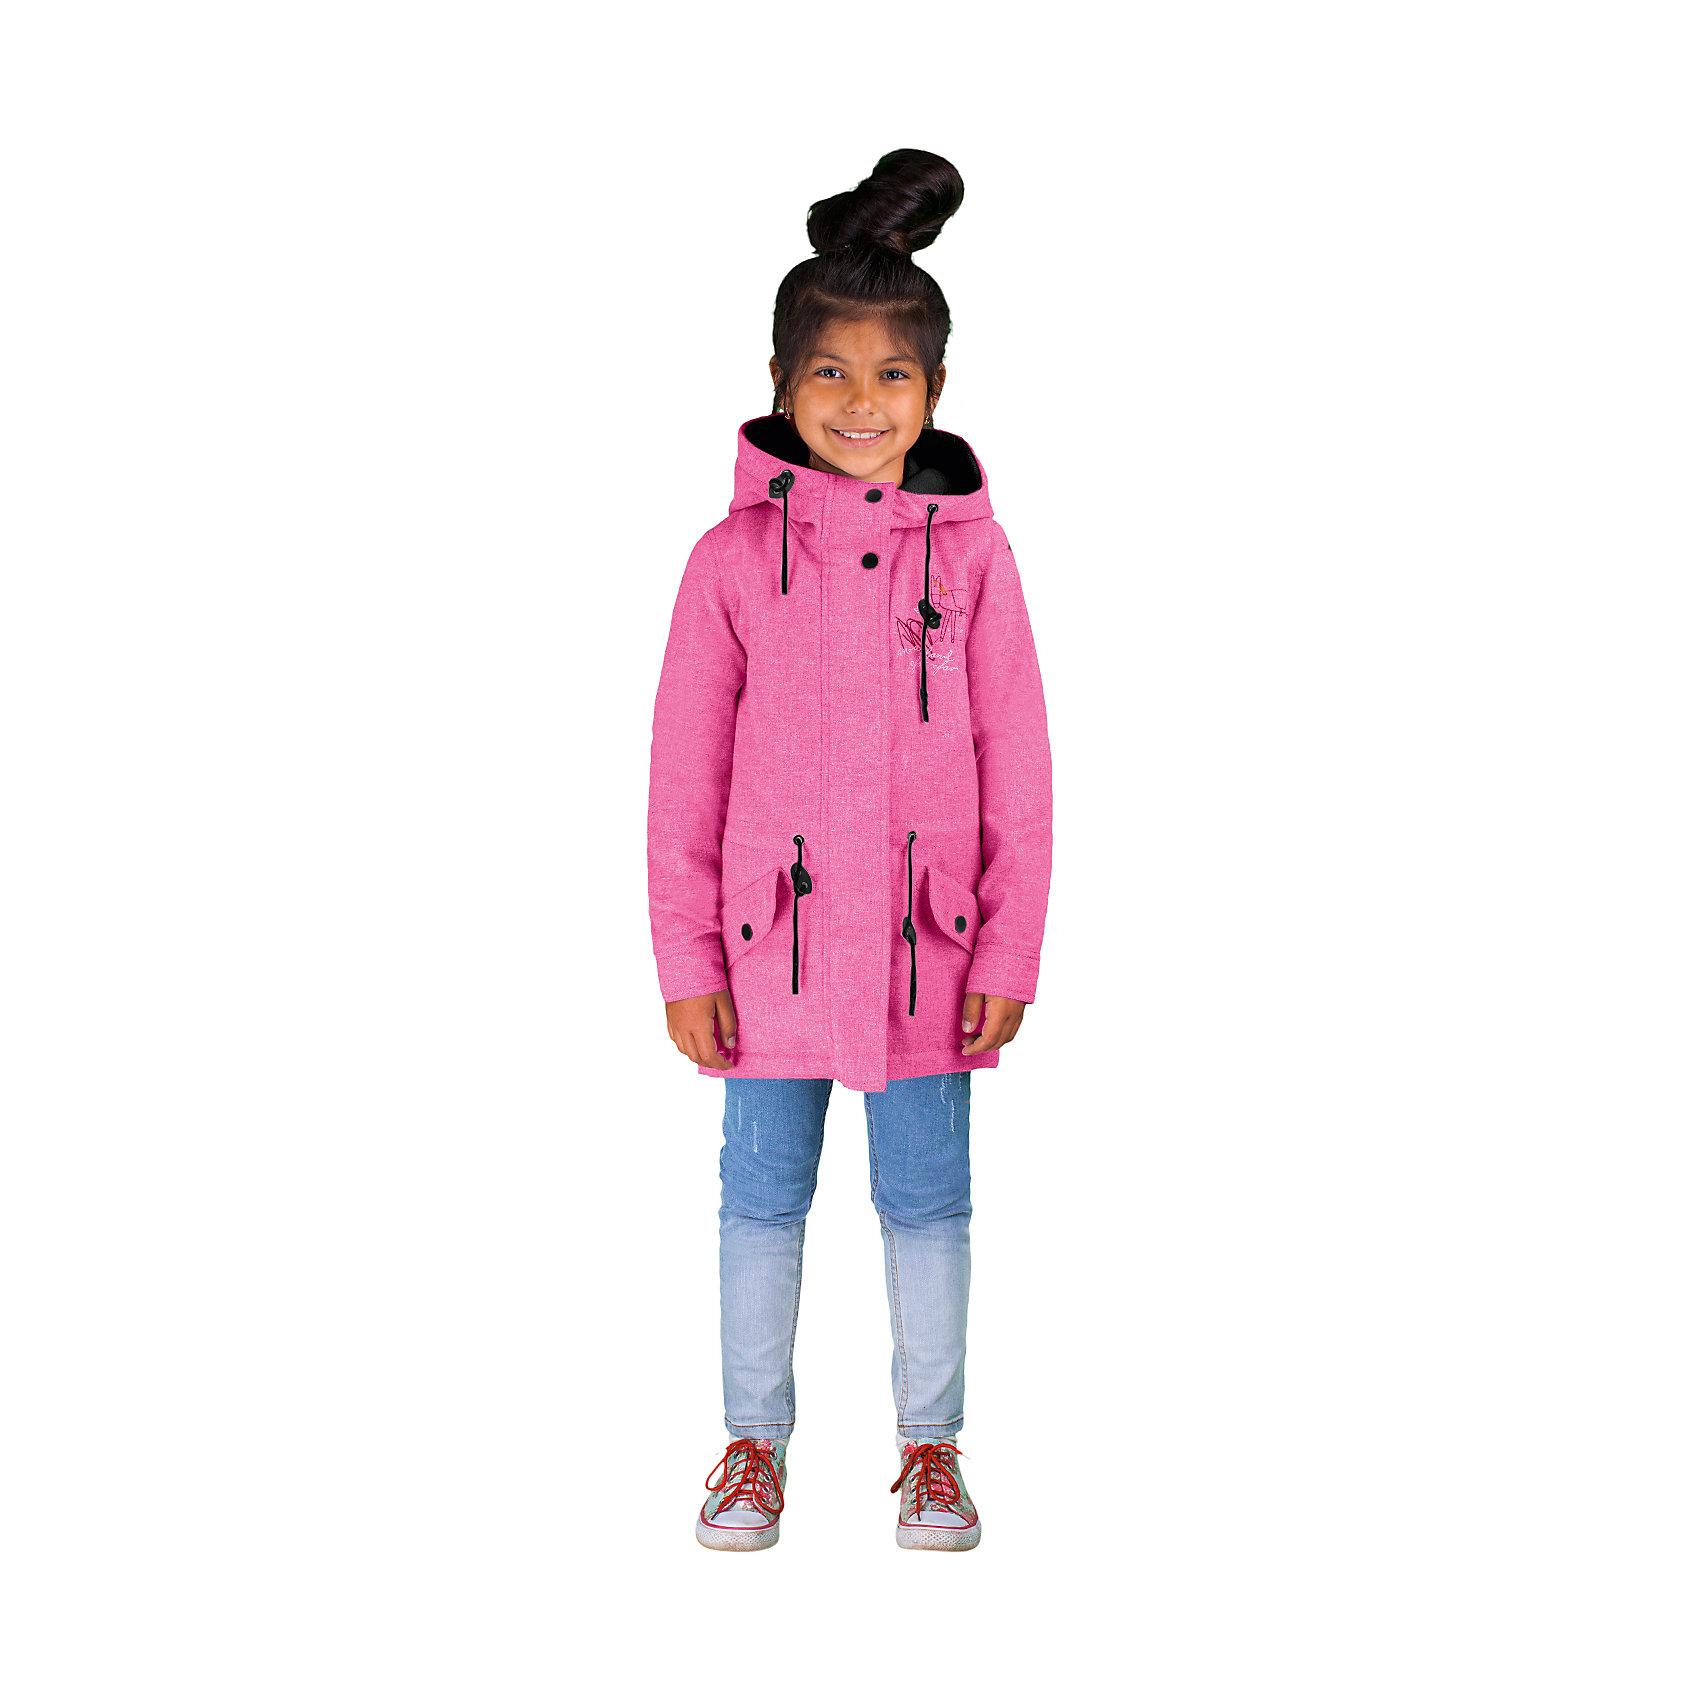 Куртка-парка для девочки BOOM by OrbyВерхняя одежда<br>Характеристики товара:<br><br>• цвет: розовый<br>• состав: верх - таффета, подкладка - флис, ПЭ, без утеплителя<br>• температурный режим: от +7°до +15°С<br>• планка от ветра<br>• капюшон<br>• застежка - молния<br>• демисезонная<br>• карманы<br>• шнурок в поясе<br>• комфортная посадка<br>• страна производства: Российская Федерация<br>• страна бренда: Российская Федерация<br>• коллекция: весна-лето 2017<br><br>Одежда для детей должна быть особо комфортной! Такая курточка - отличный вариант для межсезонья с постоянно меняющейся погодой. Эта модель - модная и удобная одновременно! Изделие отличается стильным ярким дизайном. Куртка дополнена мягкой подкладкой.<br><br>Куртку-парку для девочки от бренда BOOM by Orby можно купить в нашем интернет-магазине.<br><br>Ширина мм: 356<br>Глубина мм: 10<br>Высота мм: 245<br>Вес г: 519<br>Цвет: розовый<br>Возраст от месяцев: 48<br>Возраст до месяцев: 60<br>Пол: Женский<br>Возраст: Детский<br>Размер: 116,122,128,134,140,146,110,152,158,104,98<br>SKU: 5343010